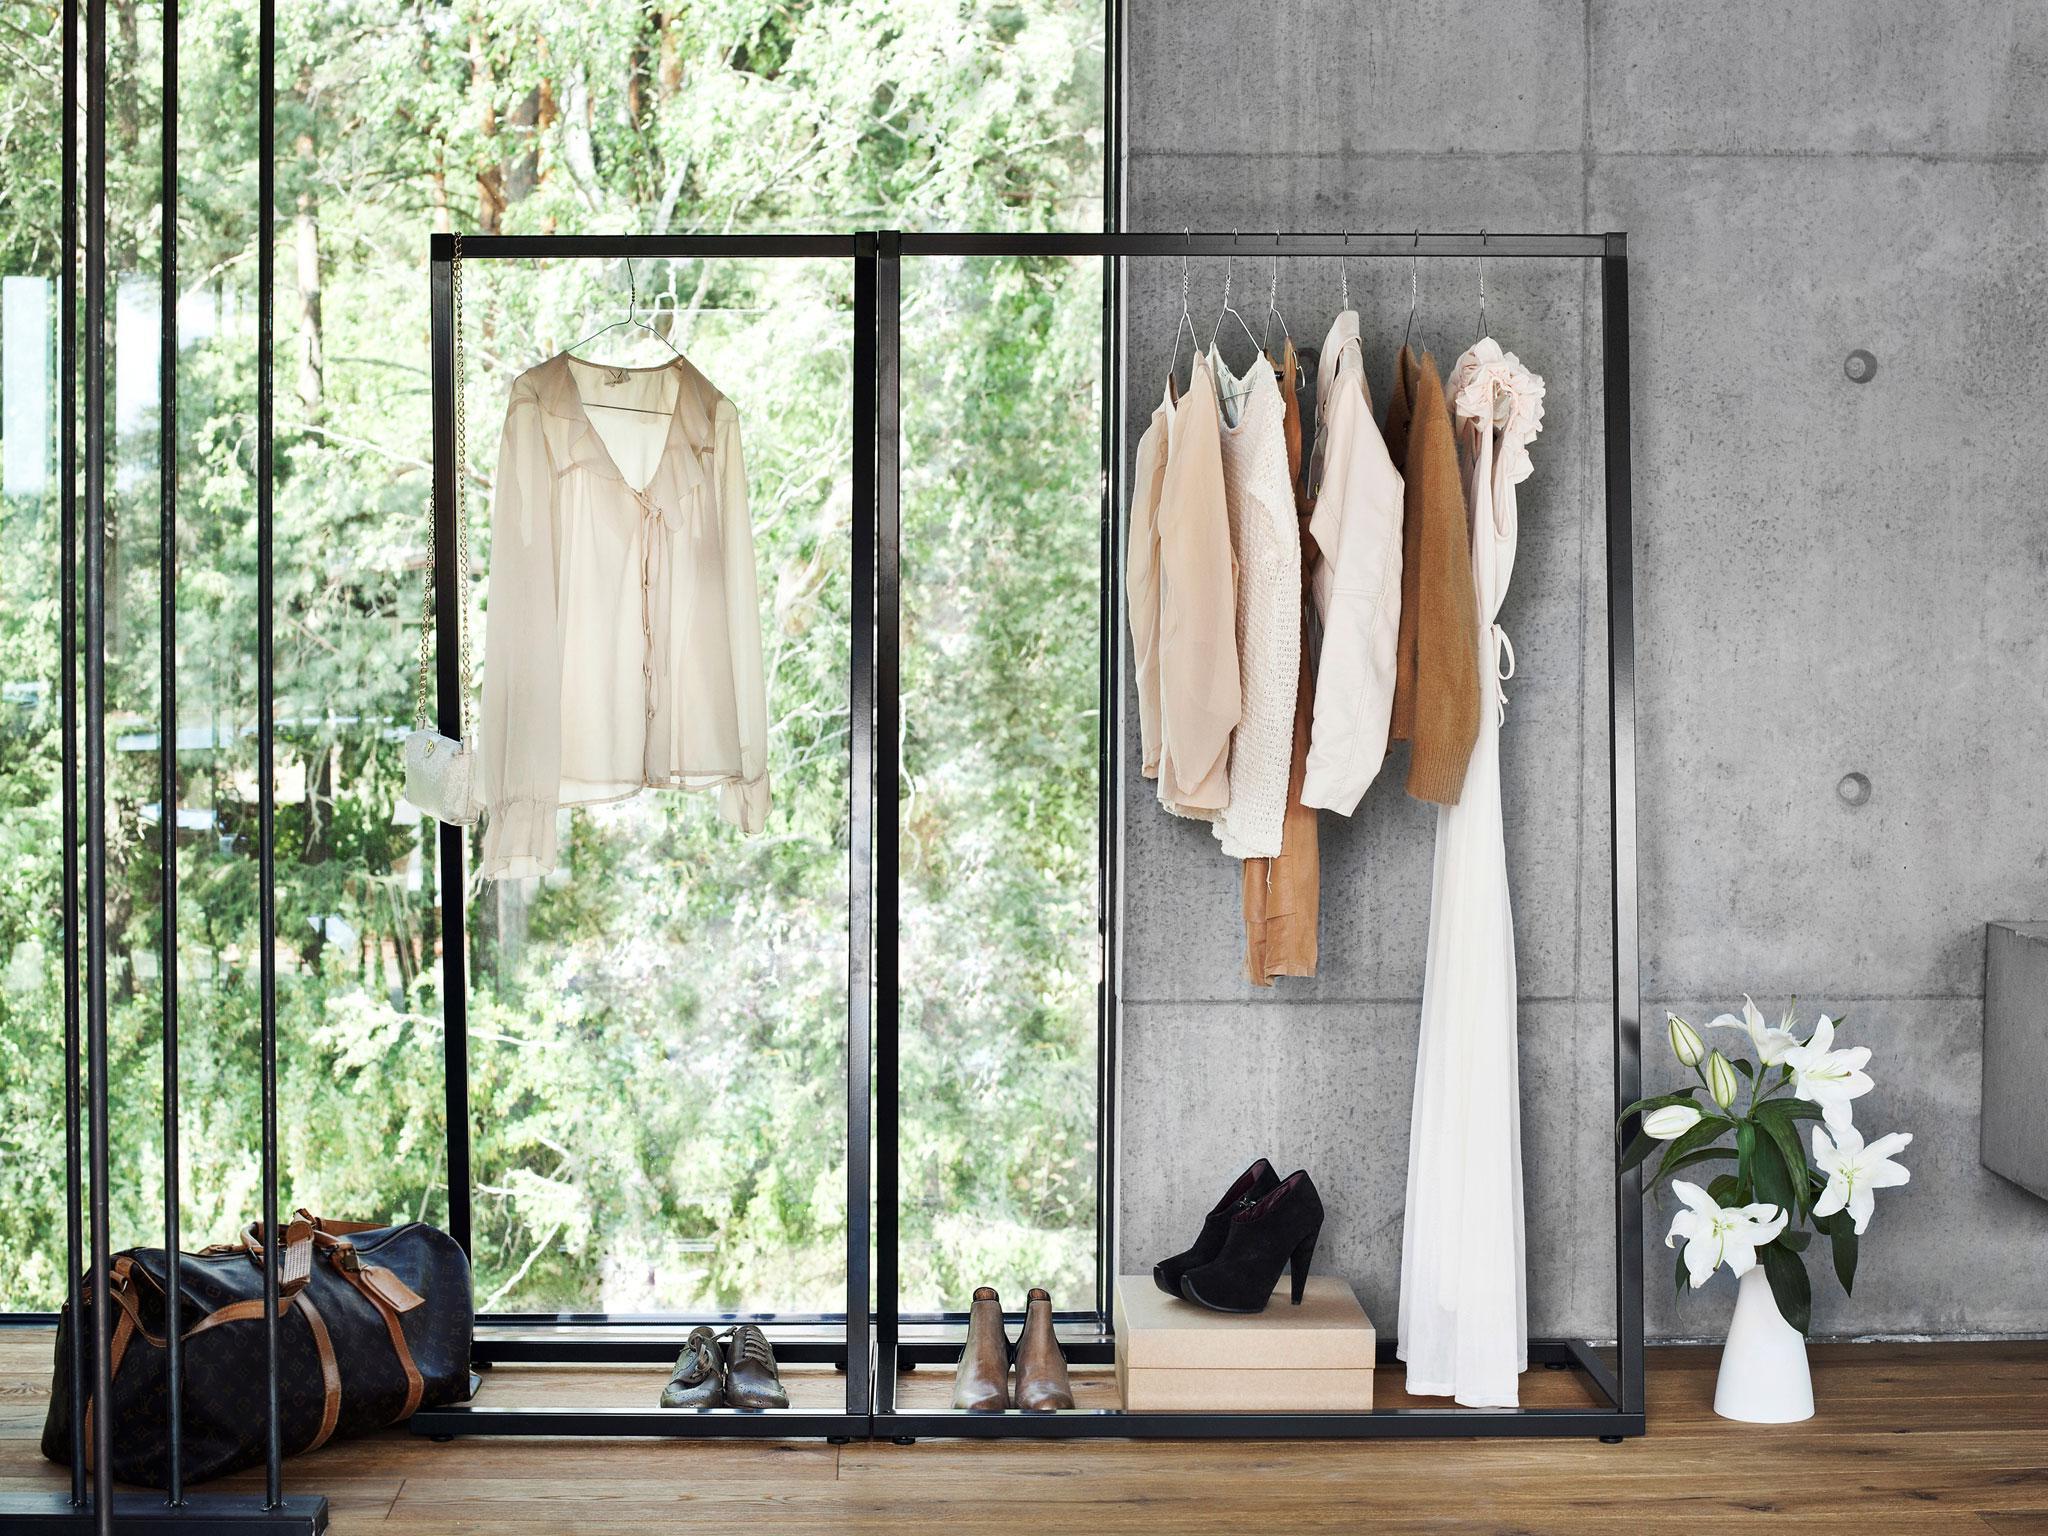 Kleiderstange: stilvoll und praktisch